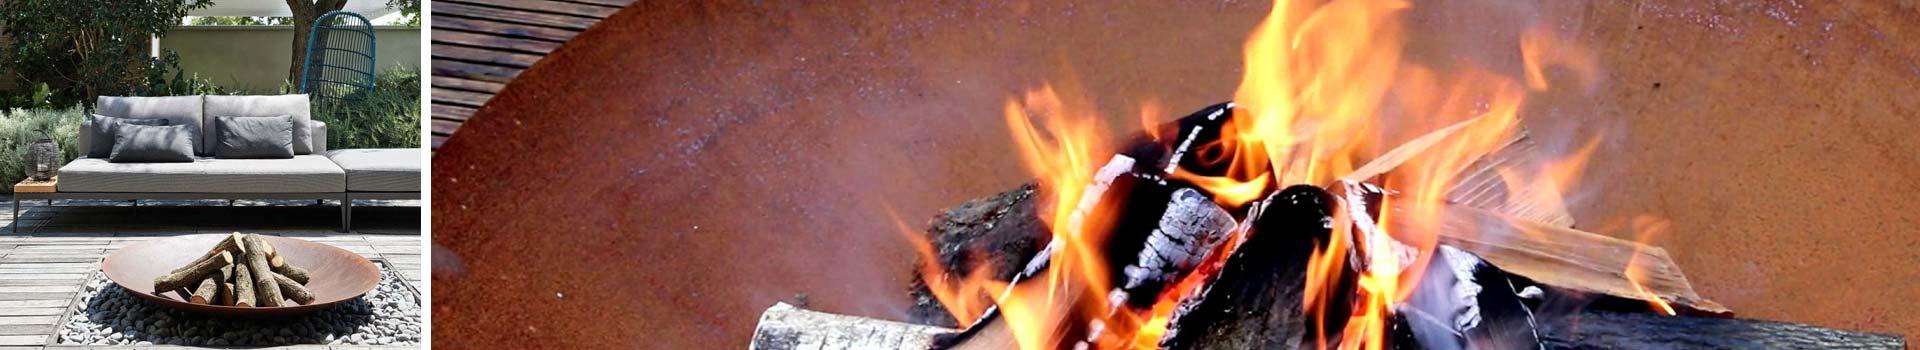 Feuerelemente für eine schöne Atmosphäre